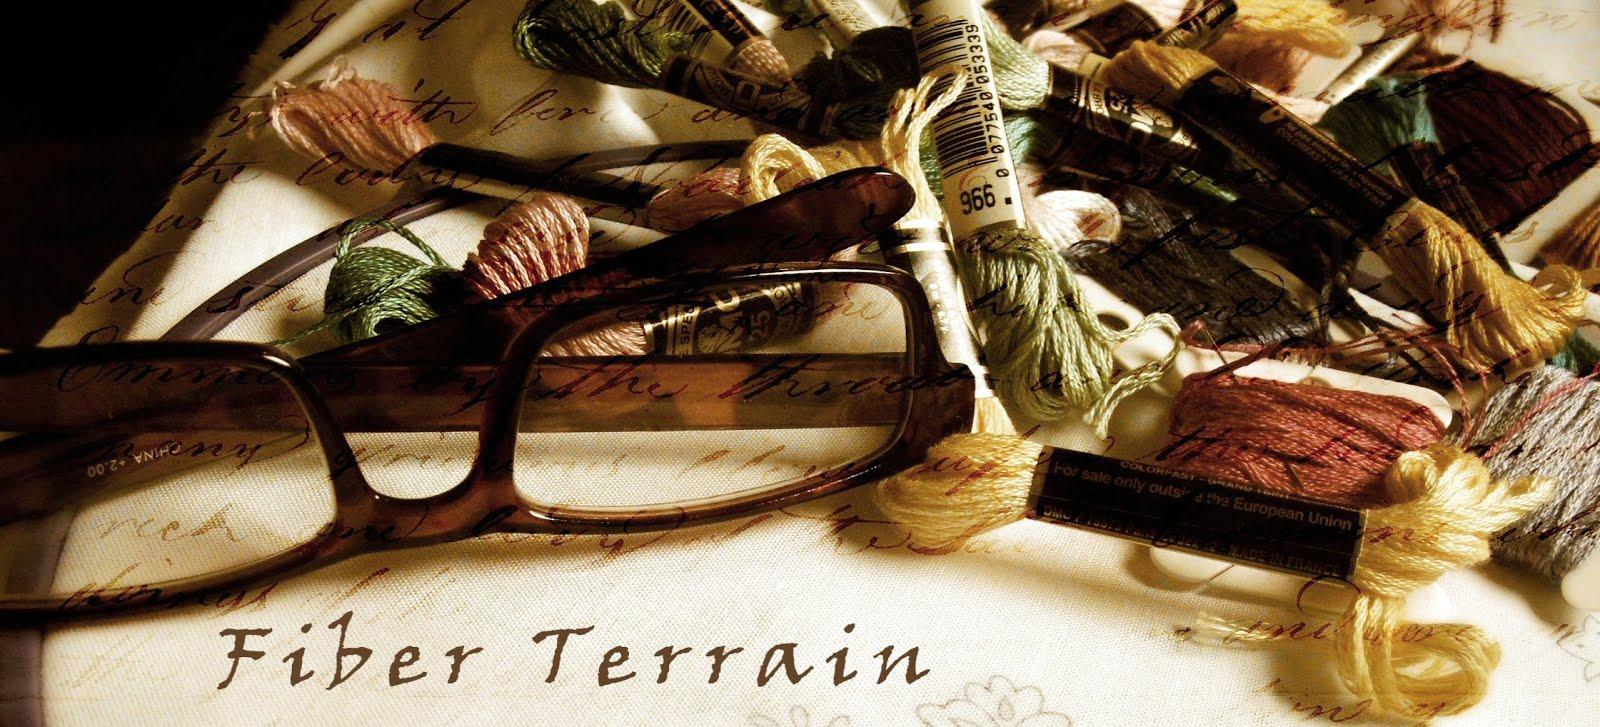 Fiber Terrain